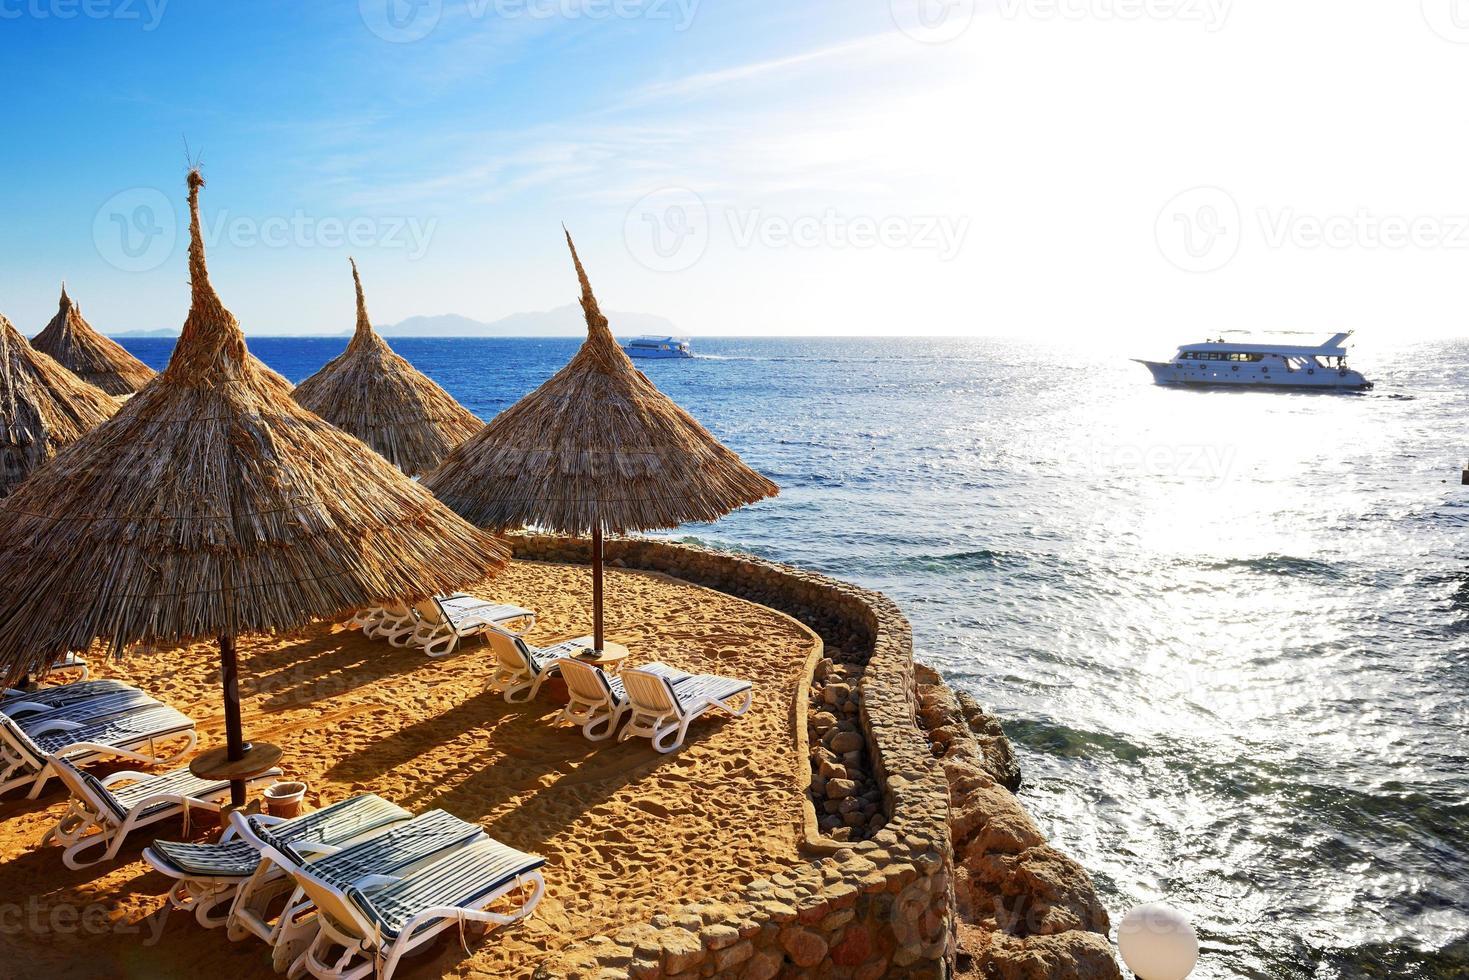 Sonnenaufgang und Strand im Luxushotel foto